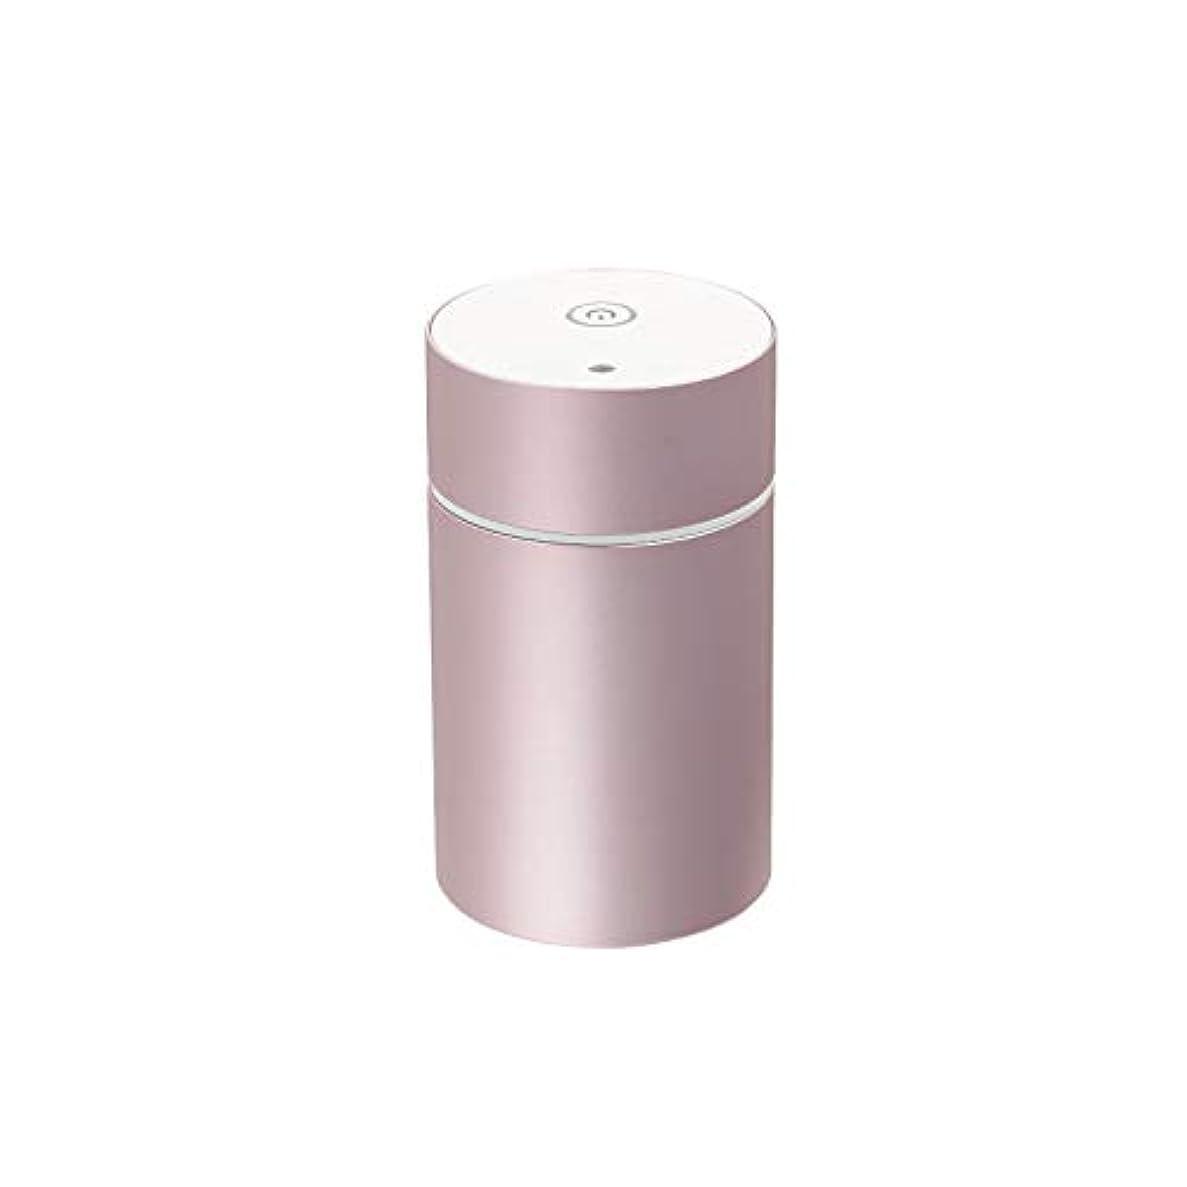 泣き叫ぶ一時解雇する飽和する生活の木 アロマディフューザー(ピンク)aromore mini(アロモアミニ) 08-801-7020